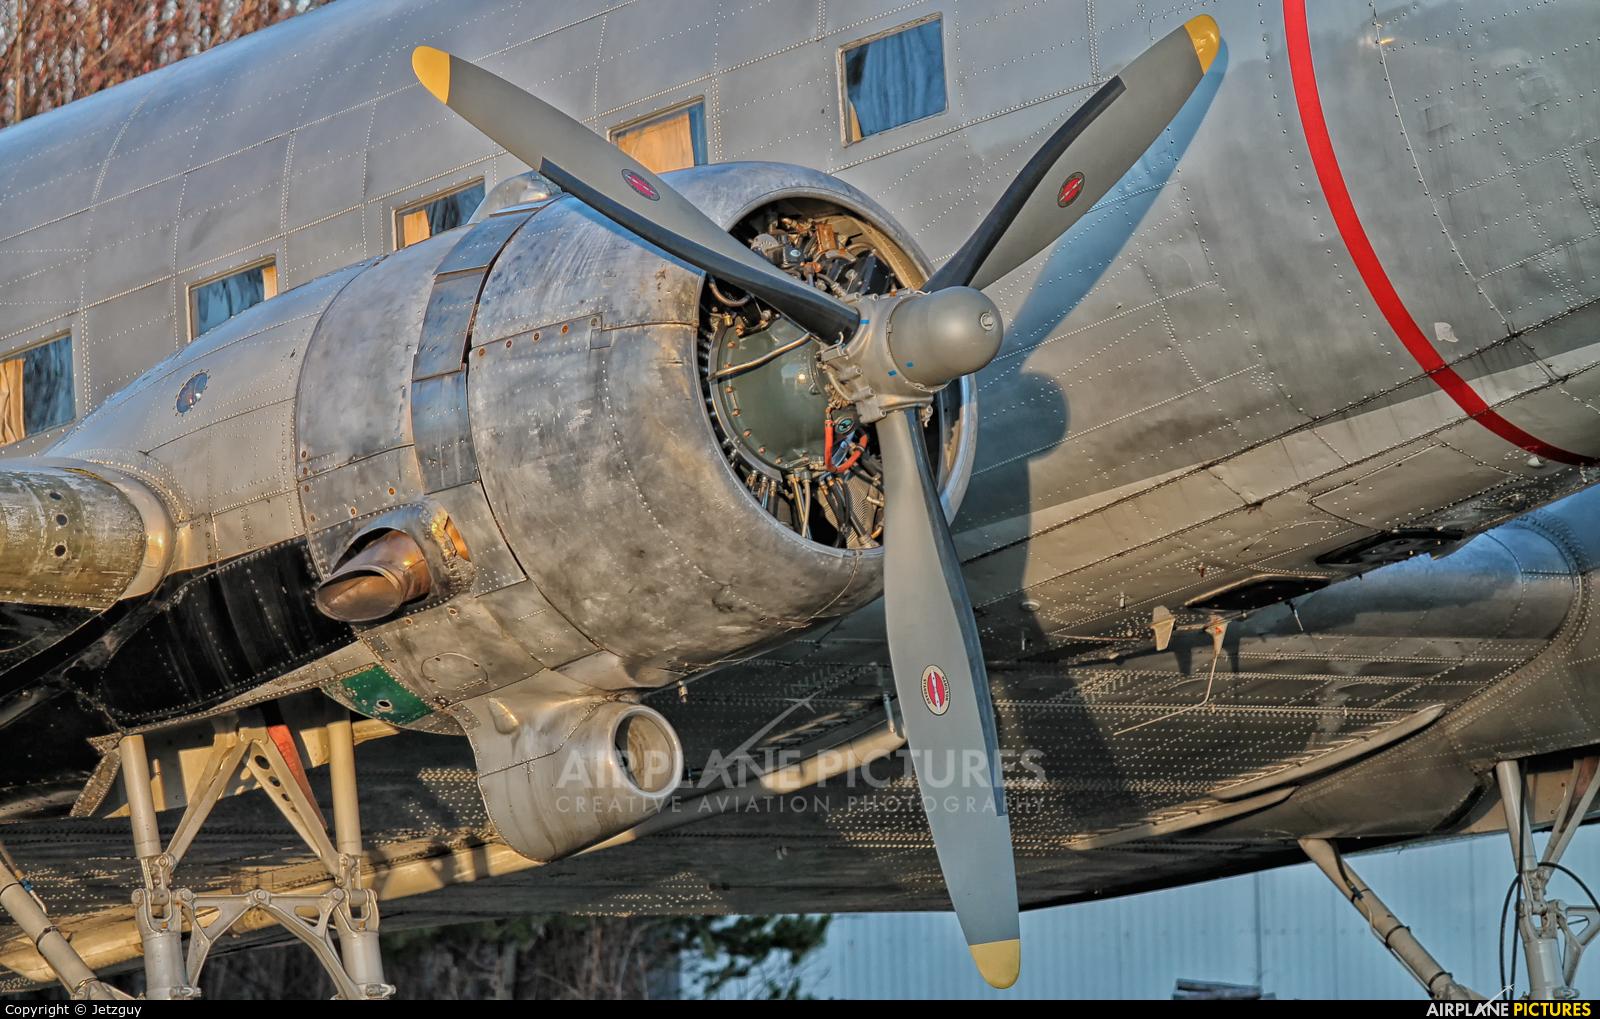 Historic Flight Foundation N877MG aircraft at Campbell River Airport